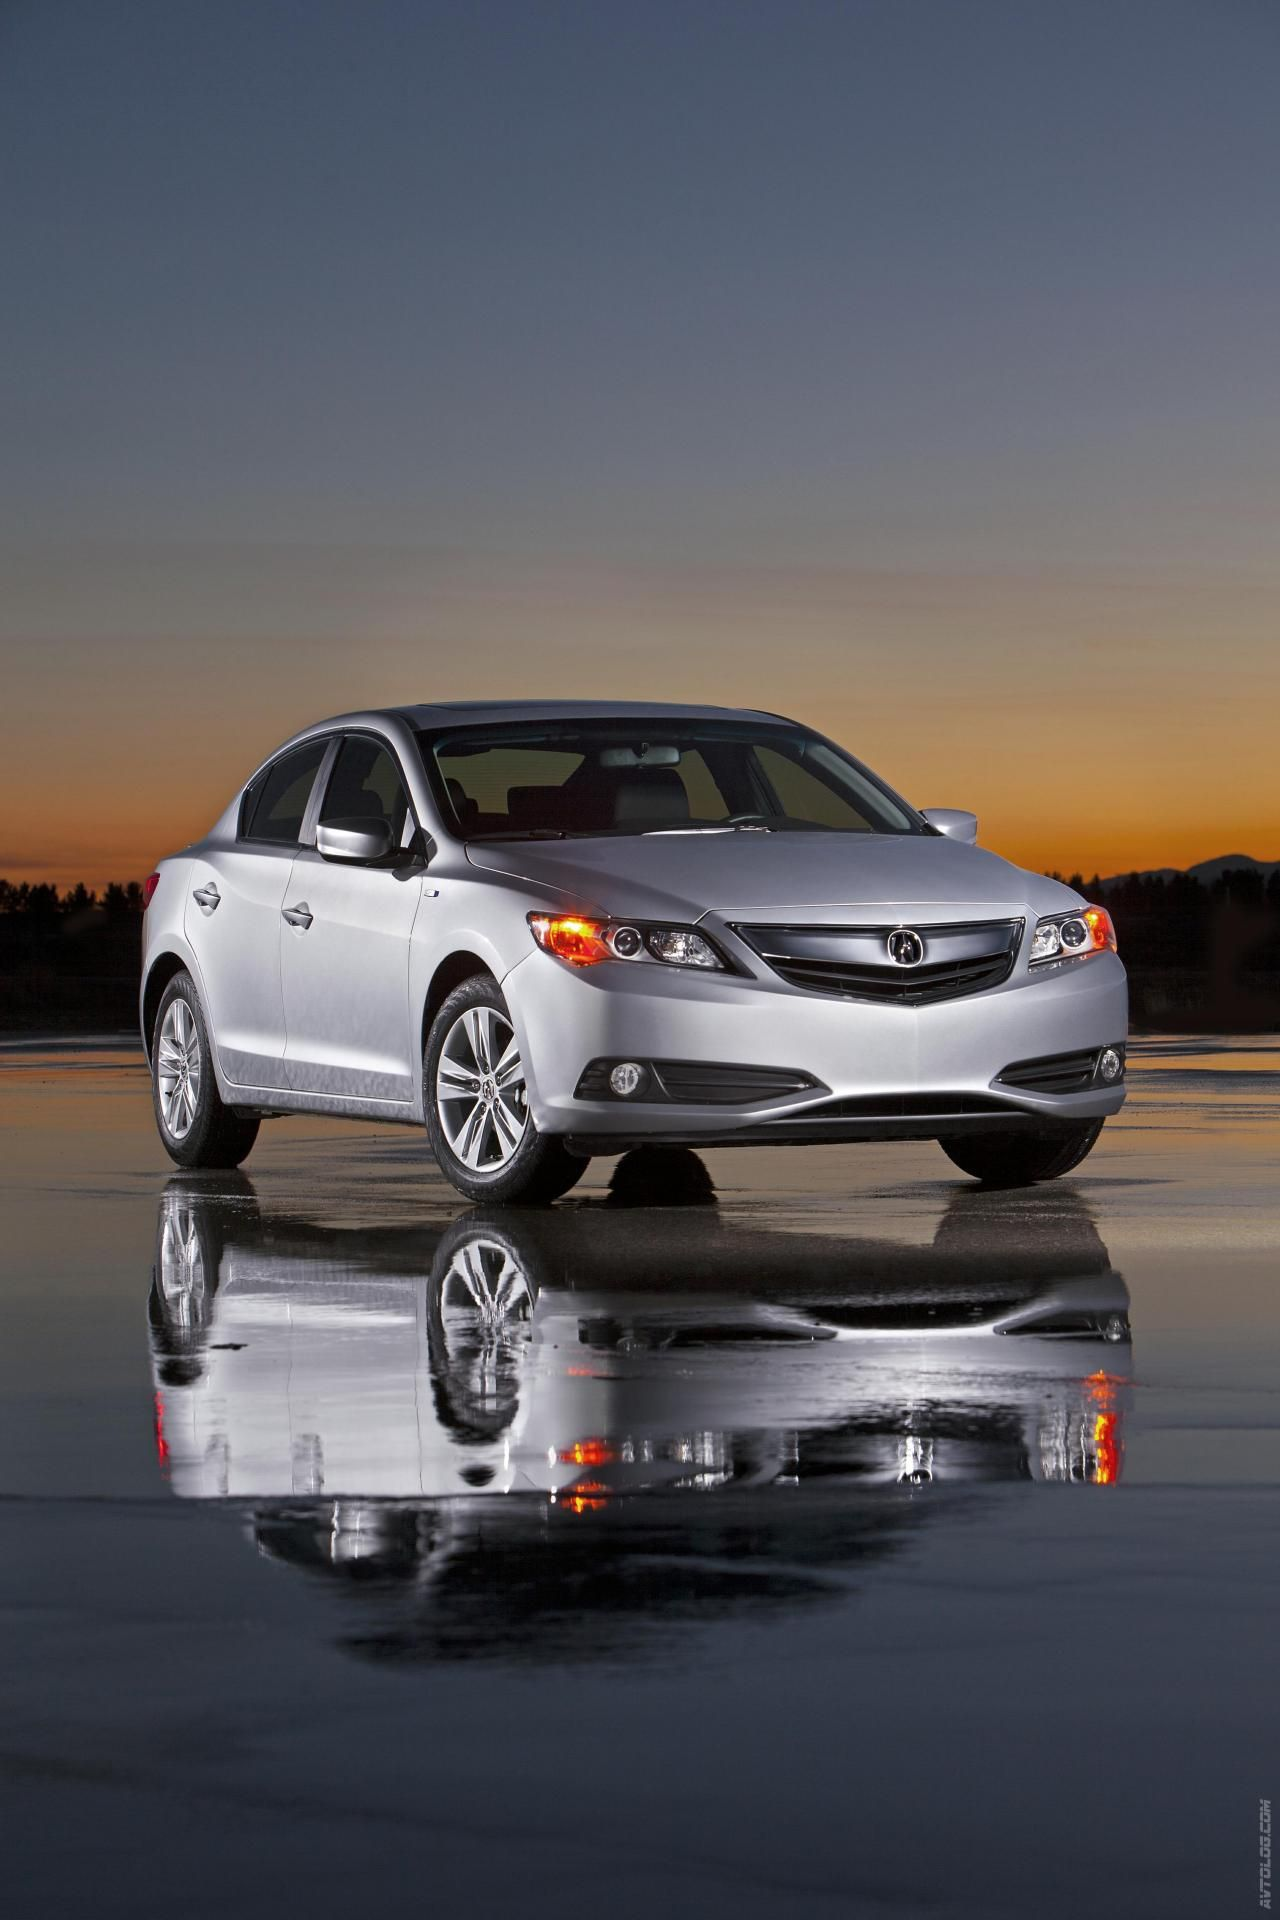 2013 Acura Ilx Acura Ilx Acura Manual Car